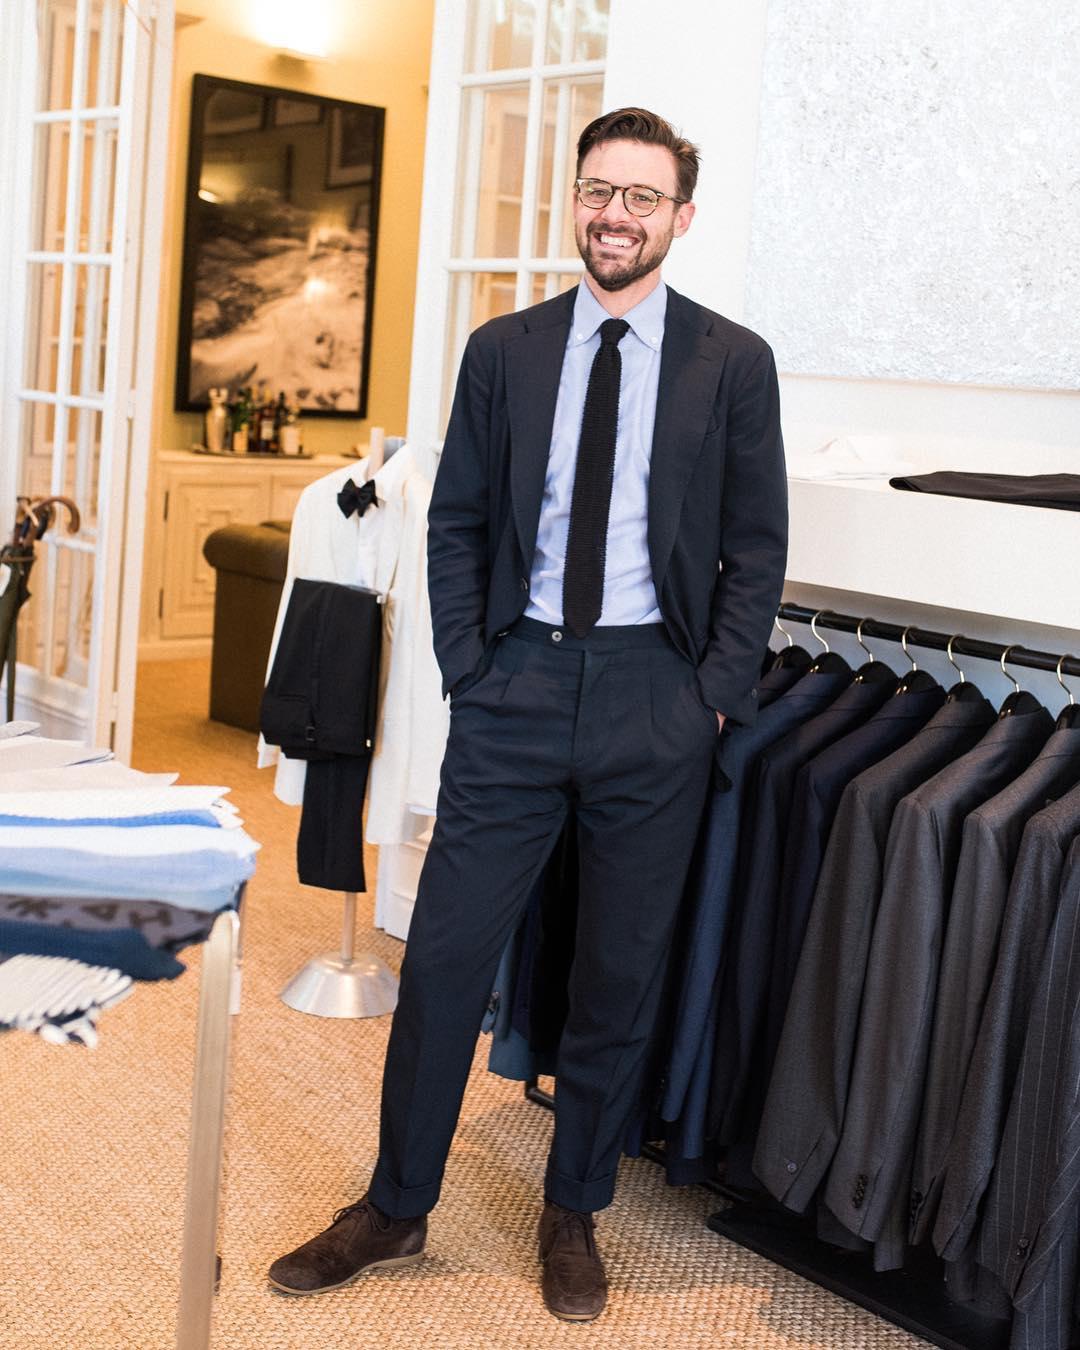 Wedding Suit - P Johnson Tailors Black Suit with Black Tie